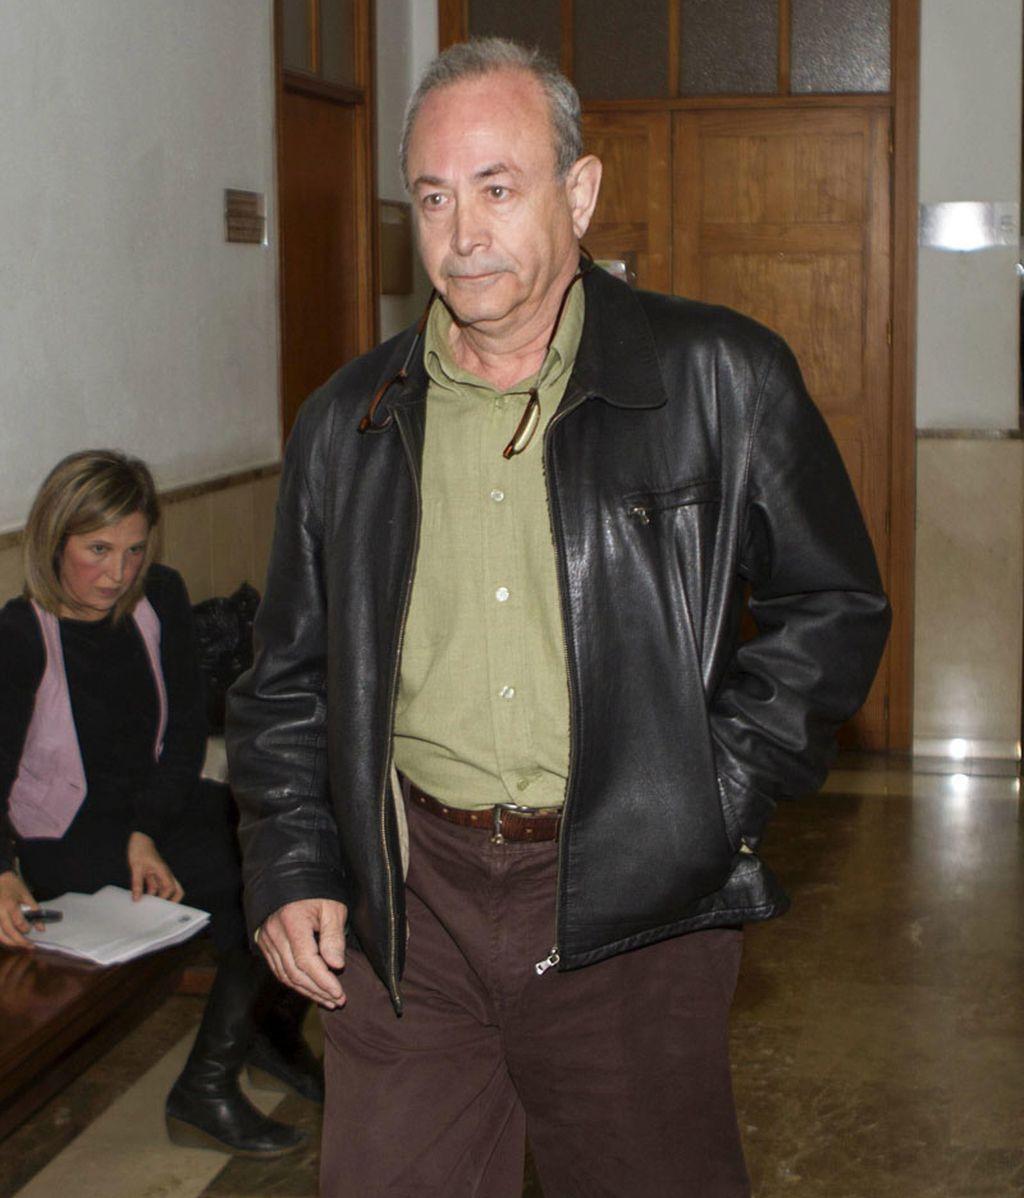 El juez Castro en los juzgados de Palma de Mallorca